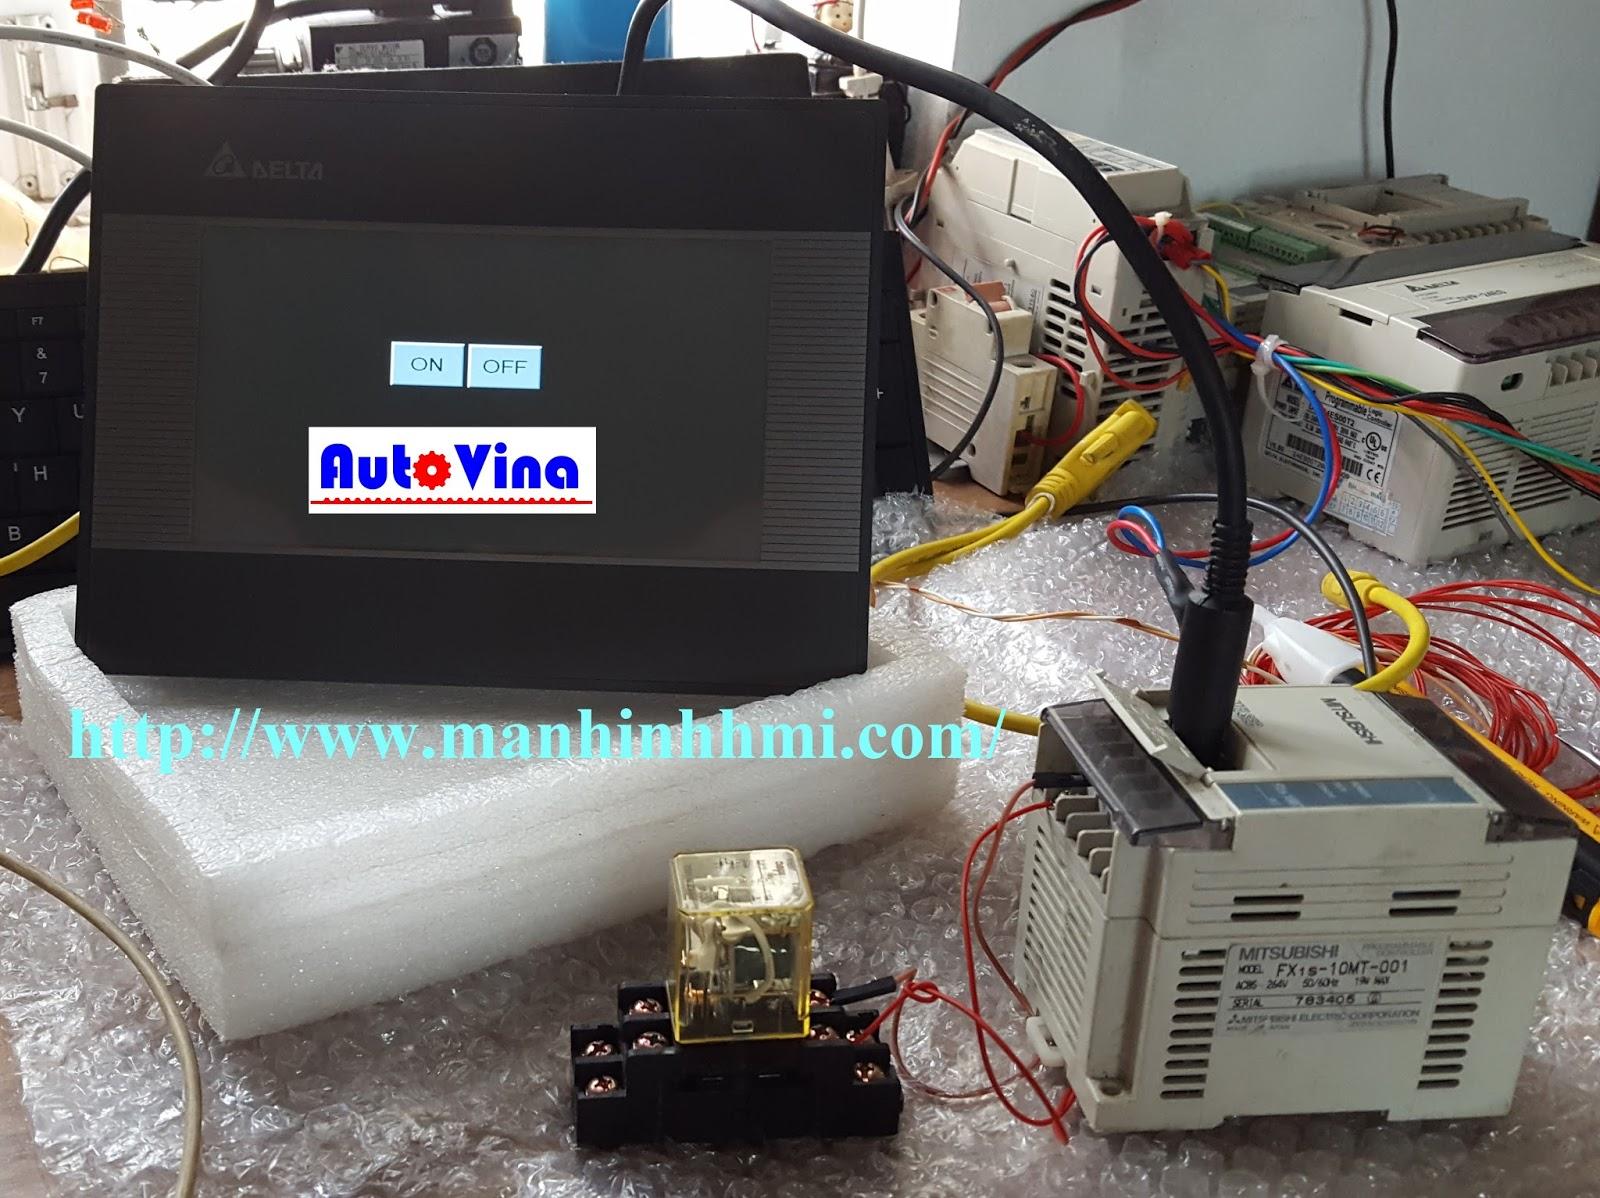 Hướng dẫn kết nối, hàn cable, sơ đồi RS422 màn hình HMI Delta với PLC Mitsubishi